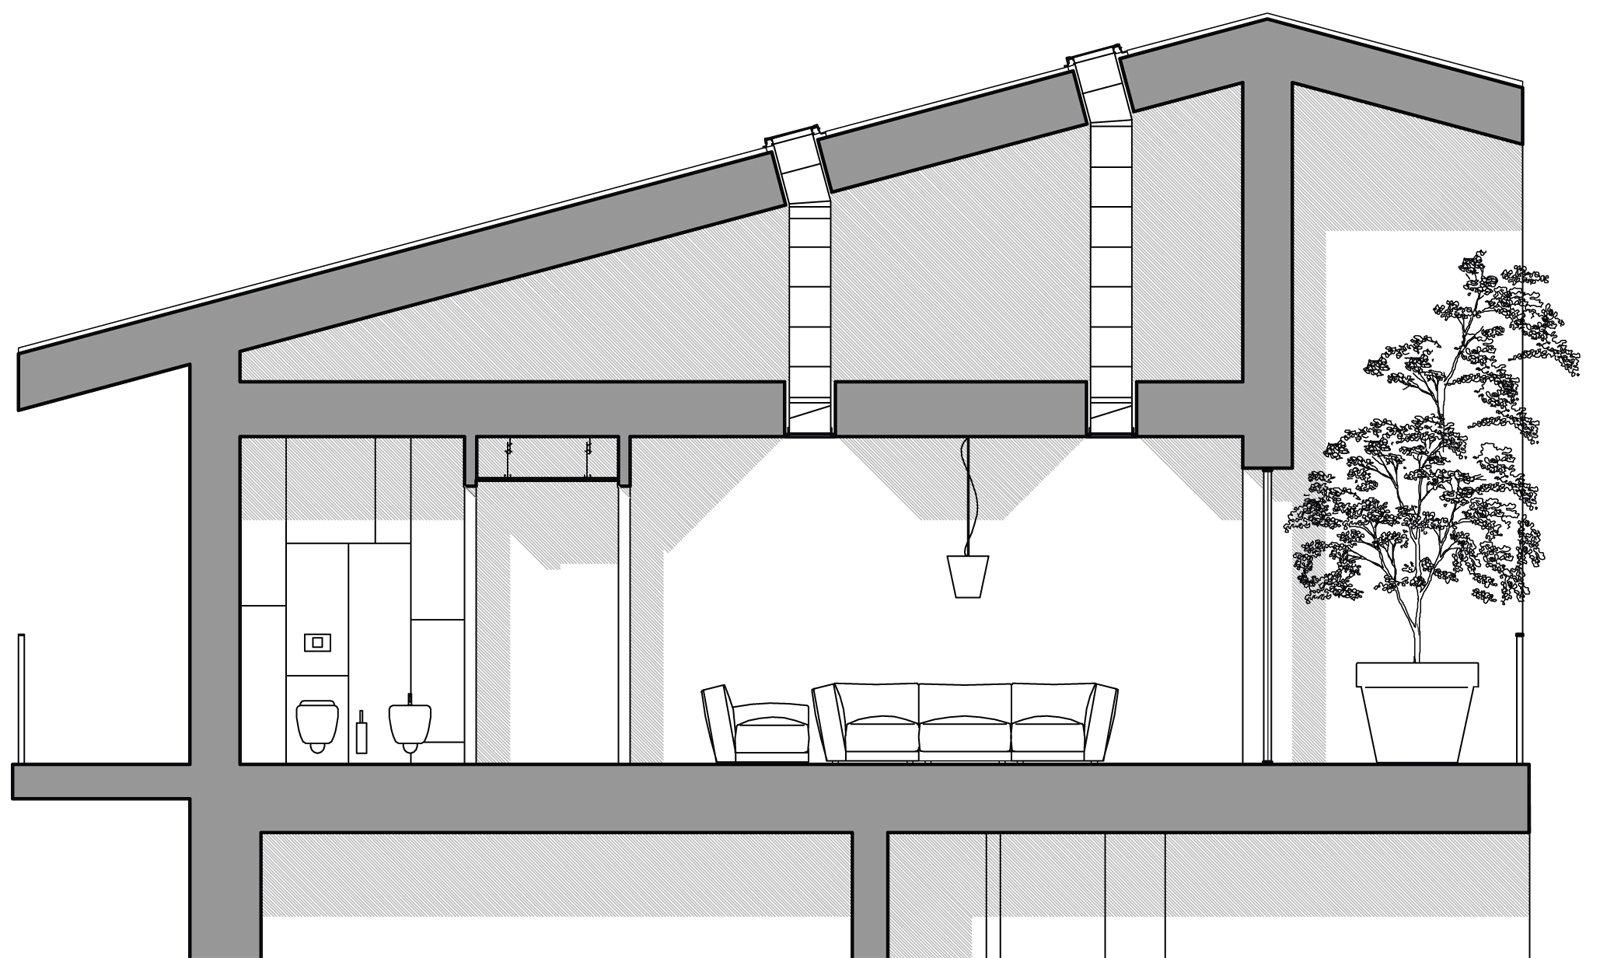 La dimensione del foro da realizzare nel tetto e la lunghezza del condotto  cambiano a seconda che si tratti di copertura piana o con falde. ccf9cfd1fef0